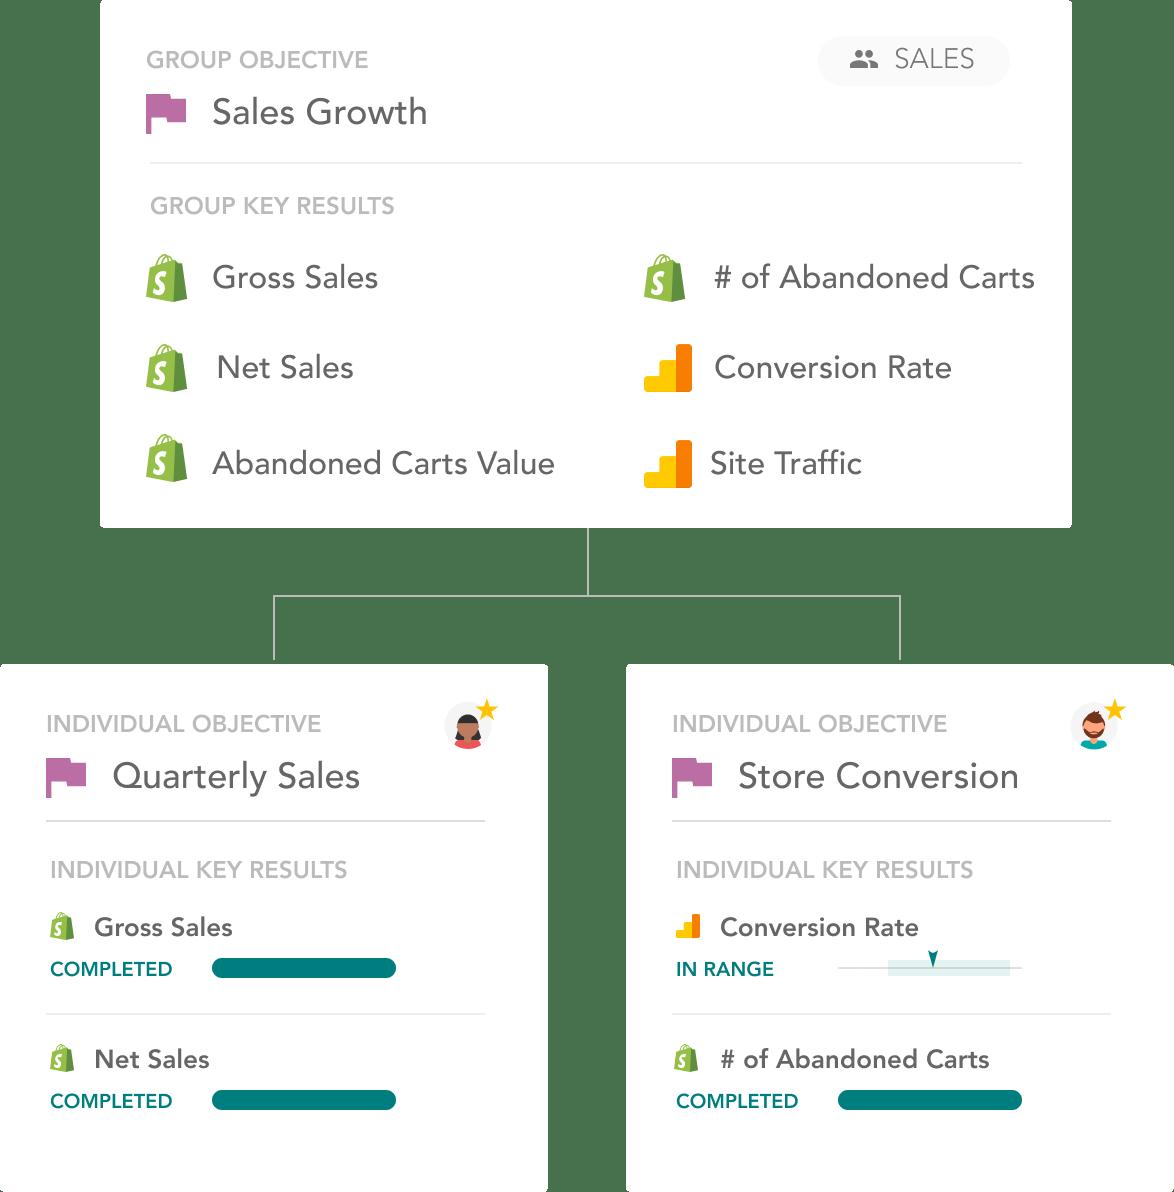 Sales - Sales Growth